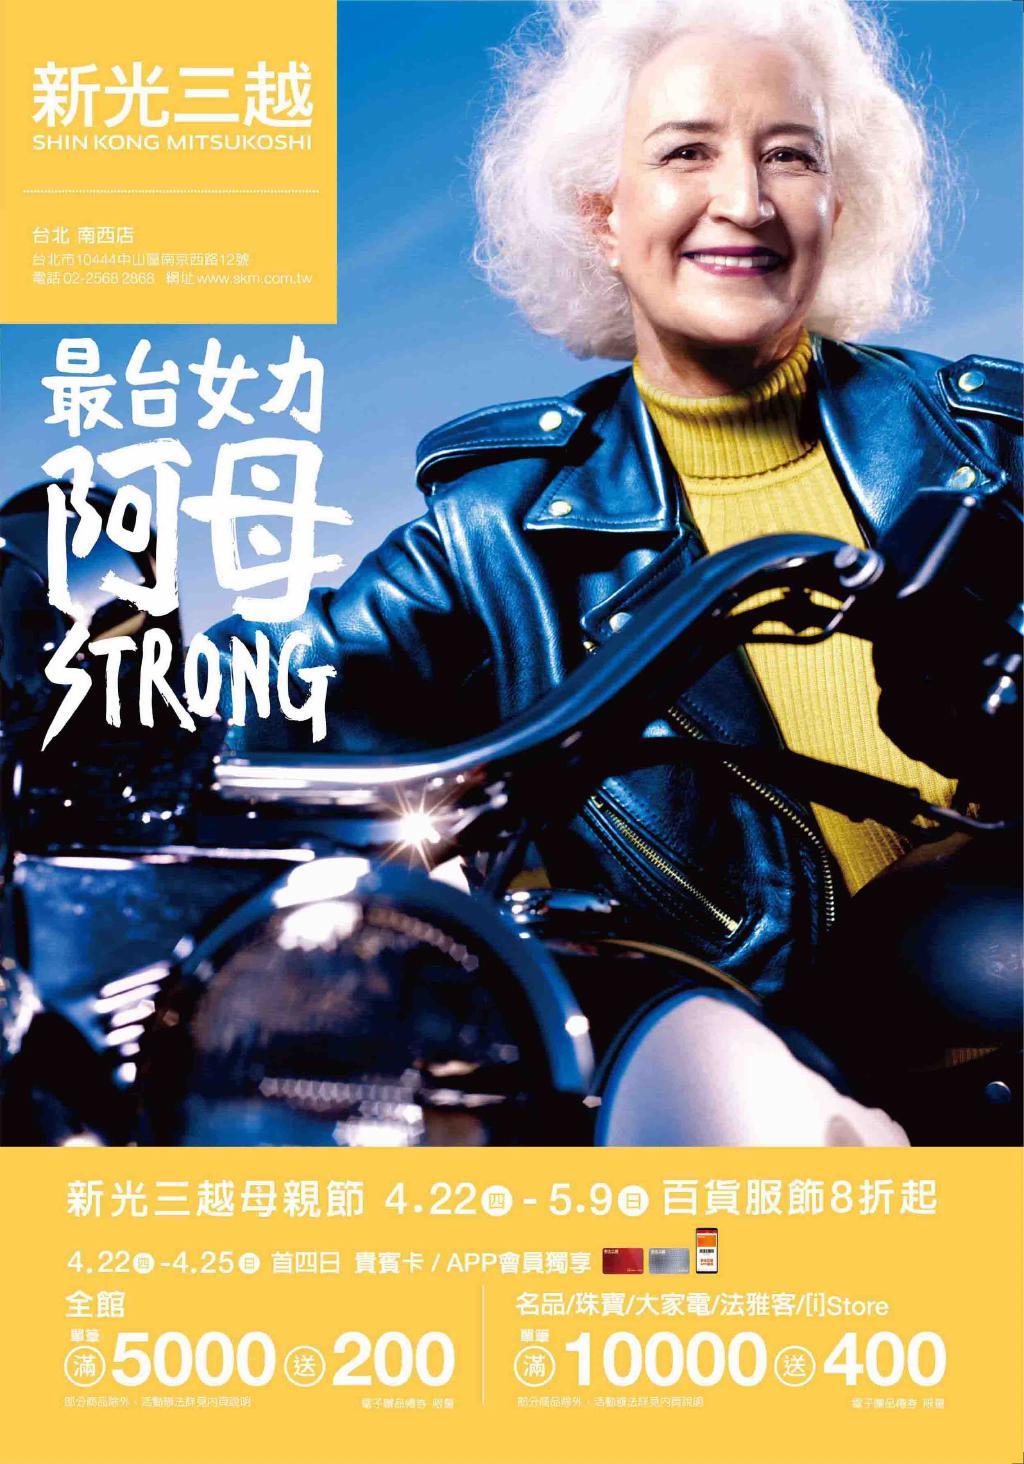 新光三越《台北南西店》DM 2021母親節【2021/5/9 止】